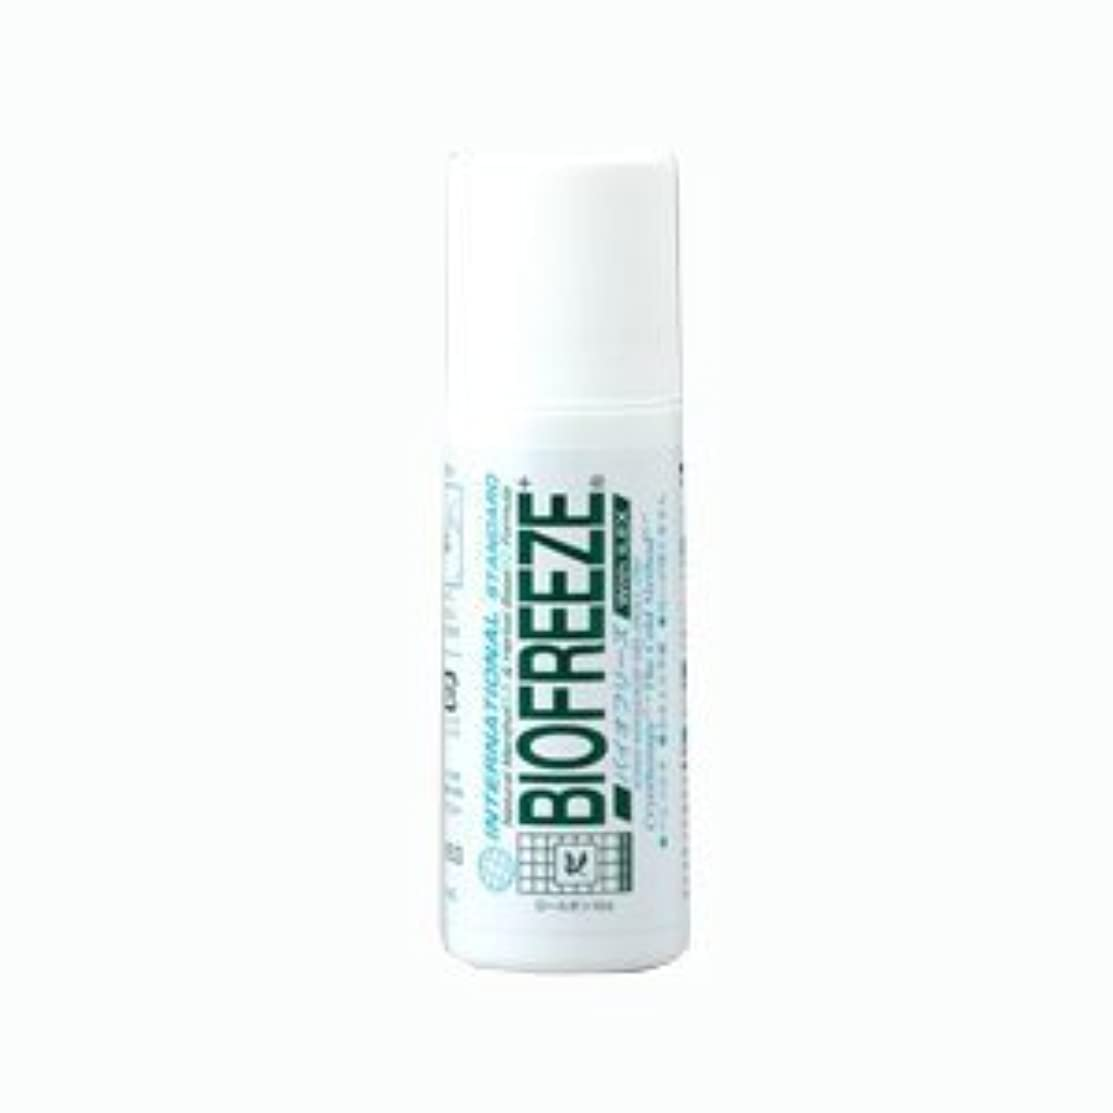 バイオフリーズ(BIOFREEZE) ロールオン 82g - ボディ用、ロールタイプ!